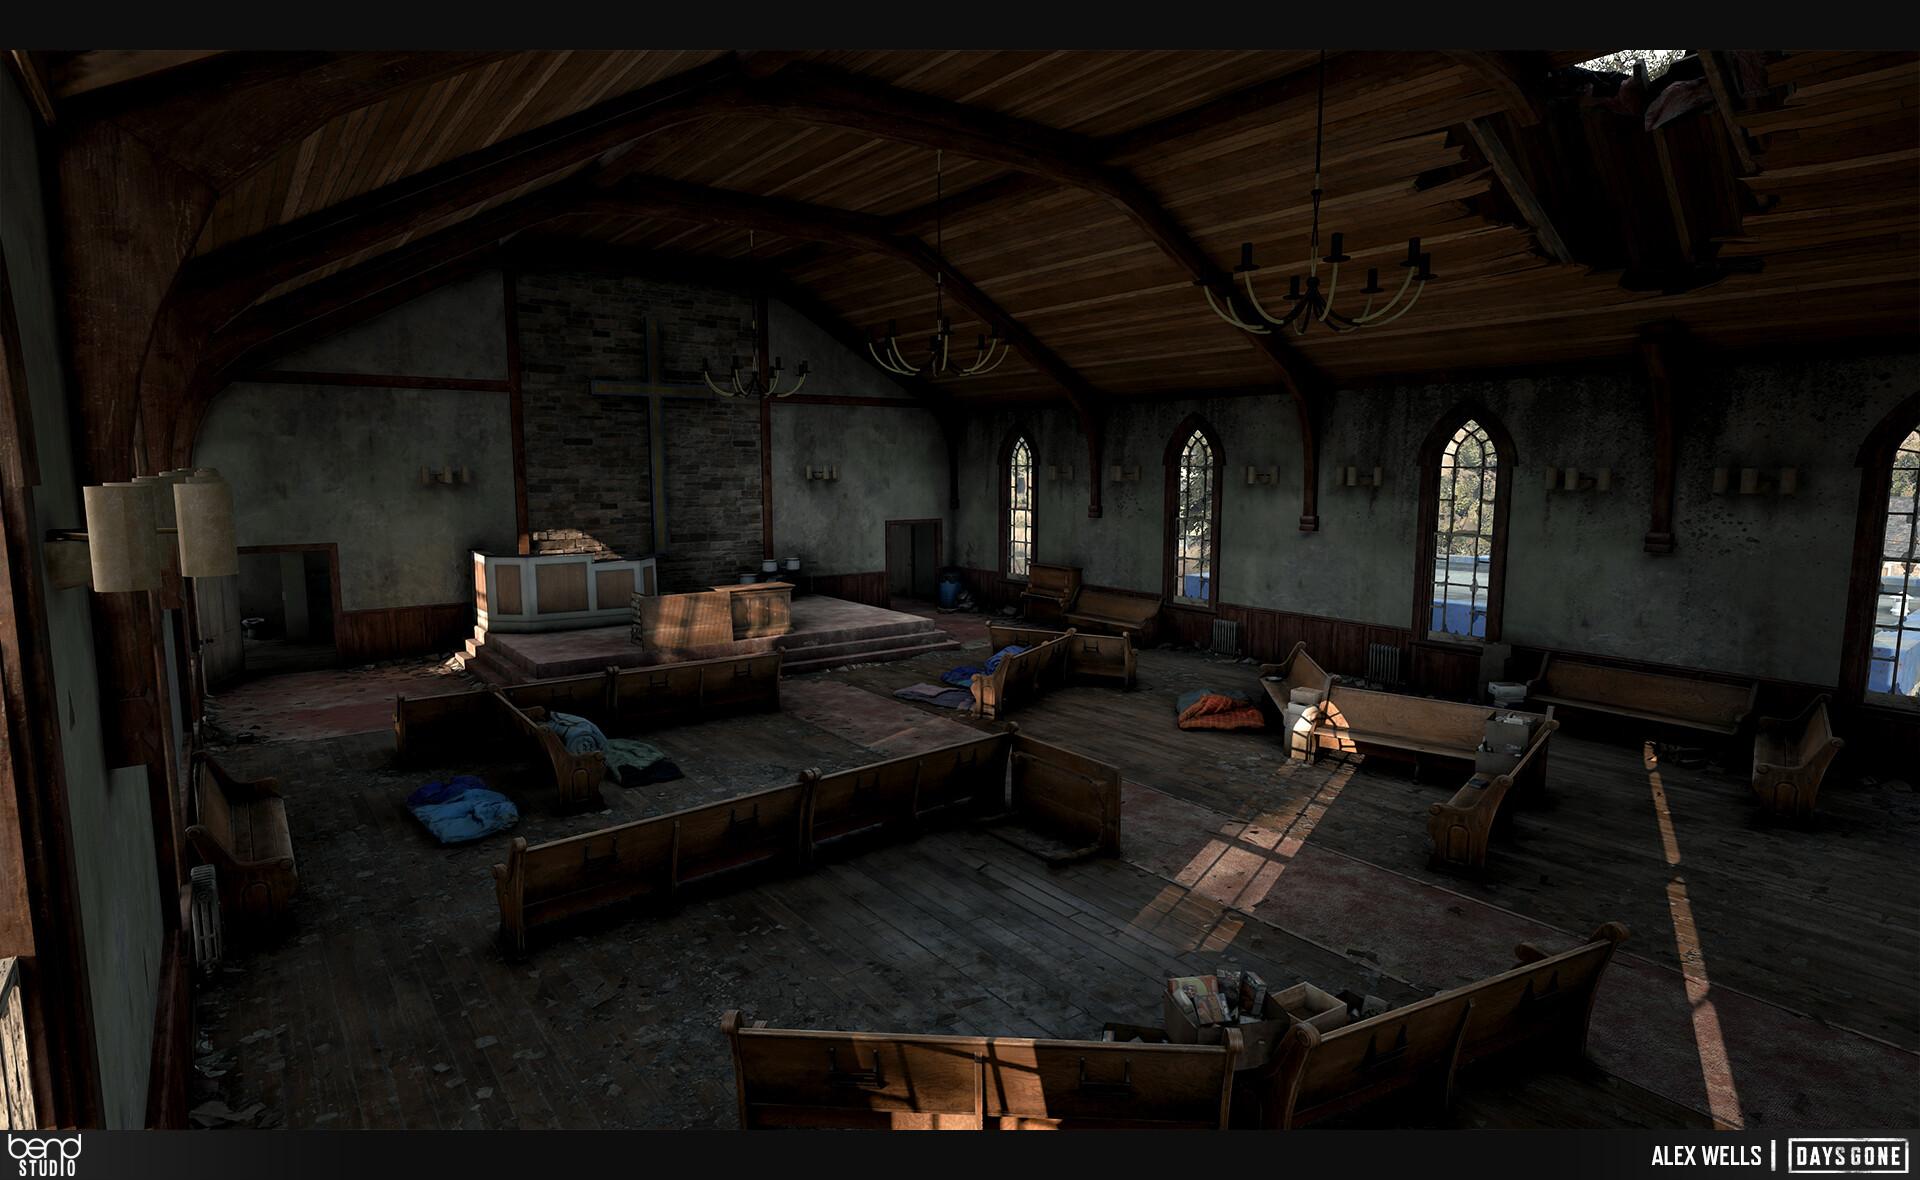 Alex wells portfolio marionforkschurch interior